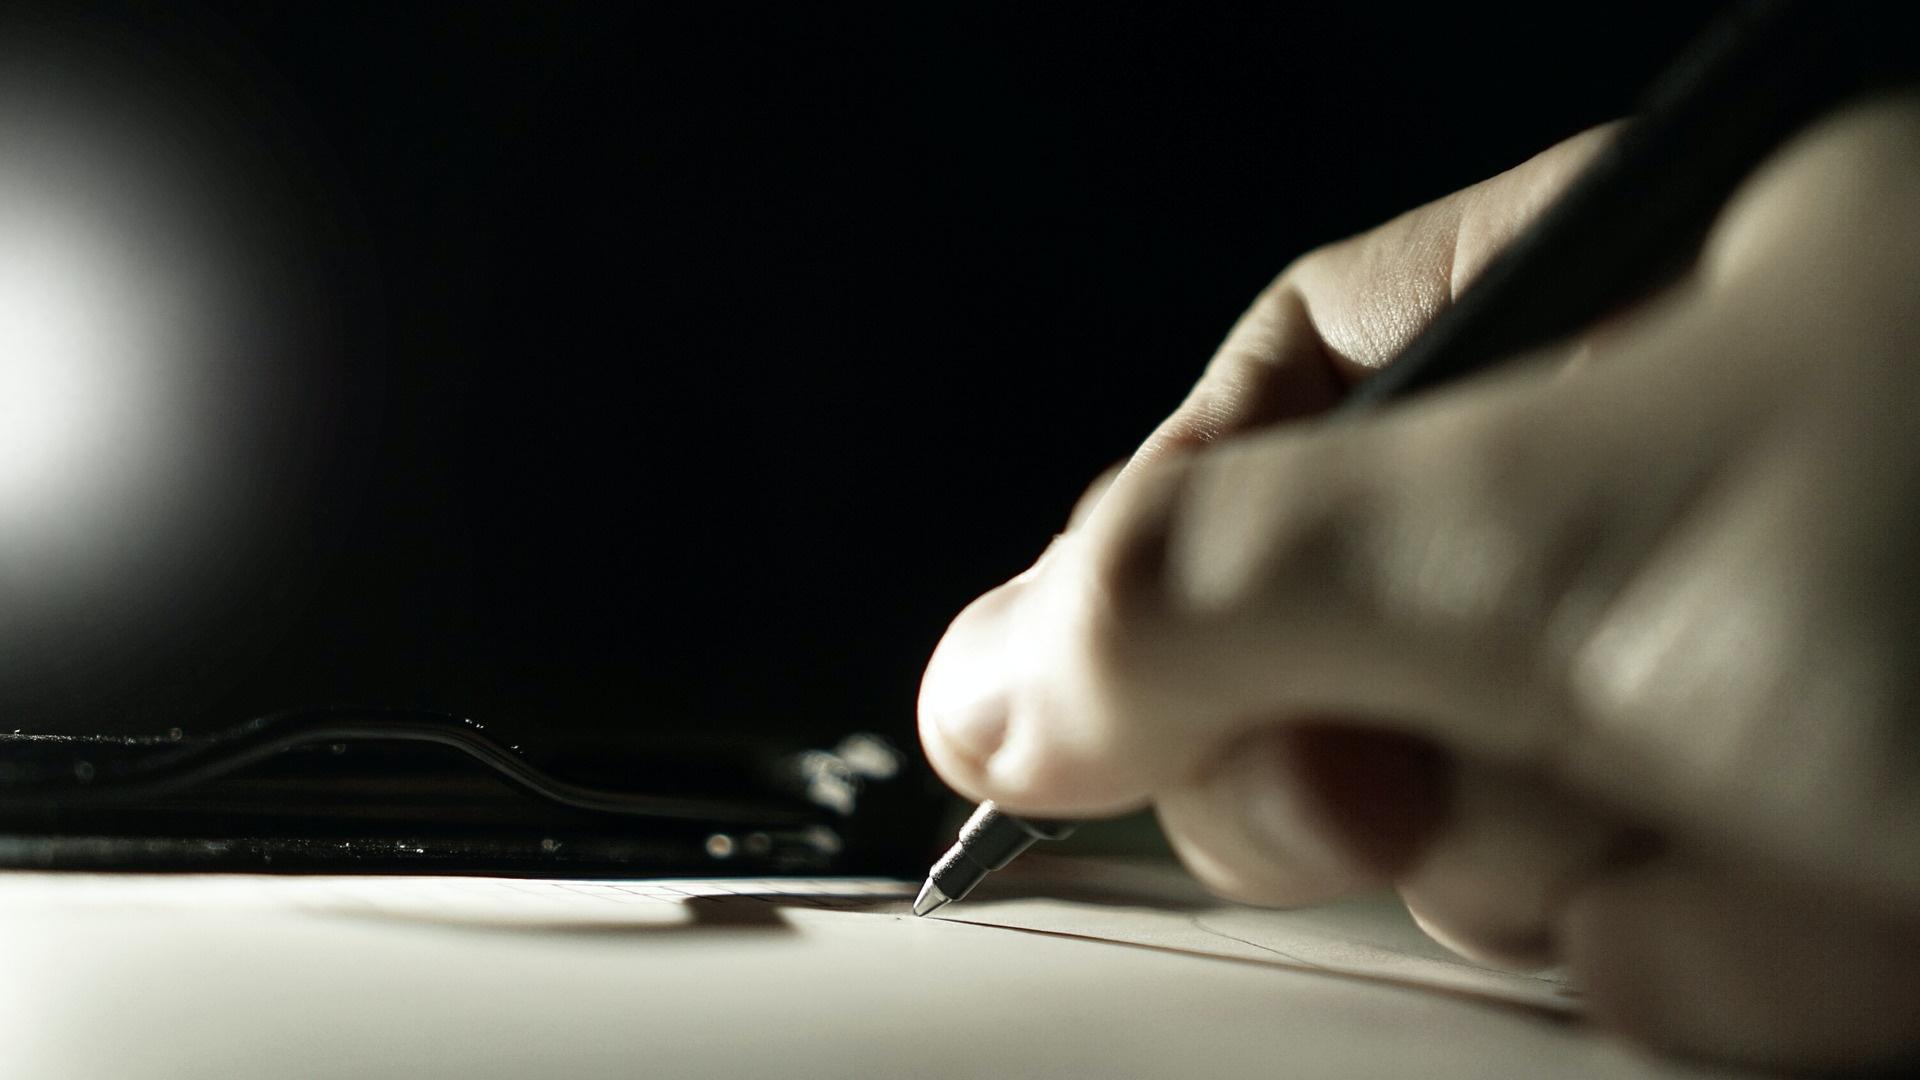 Tollal ír egy papírra